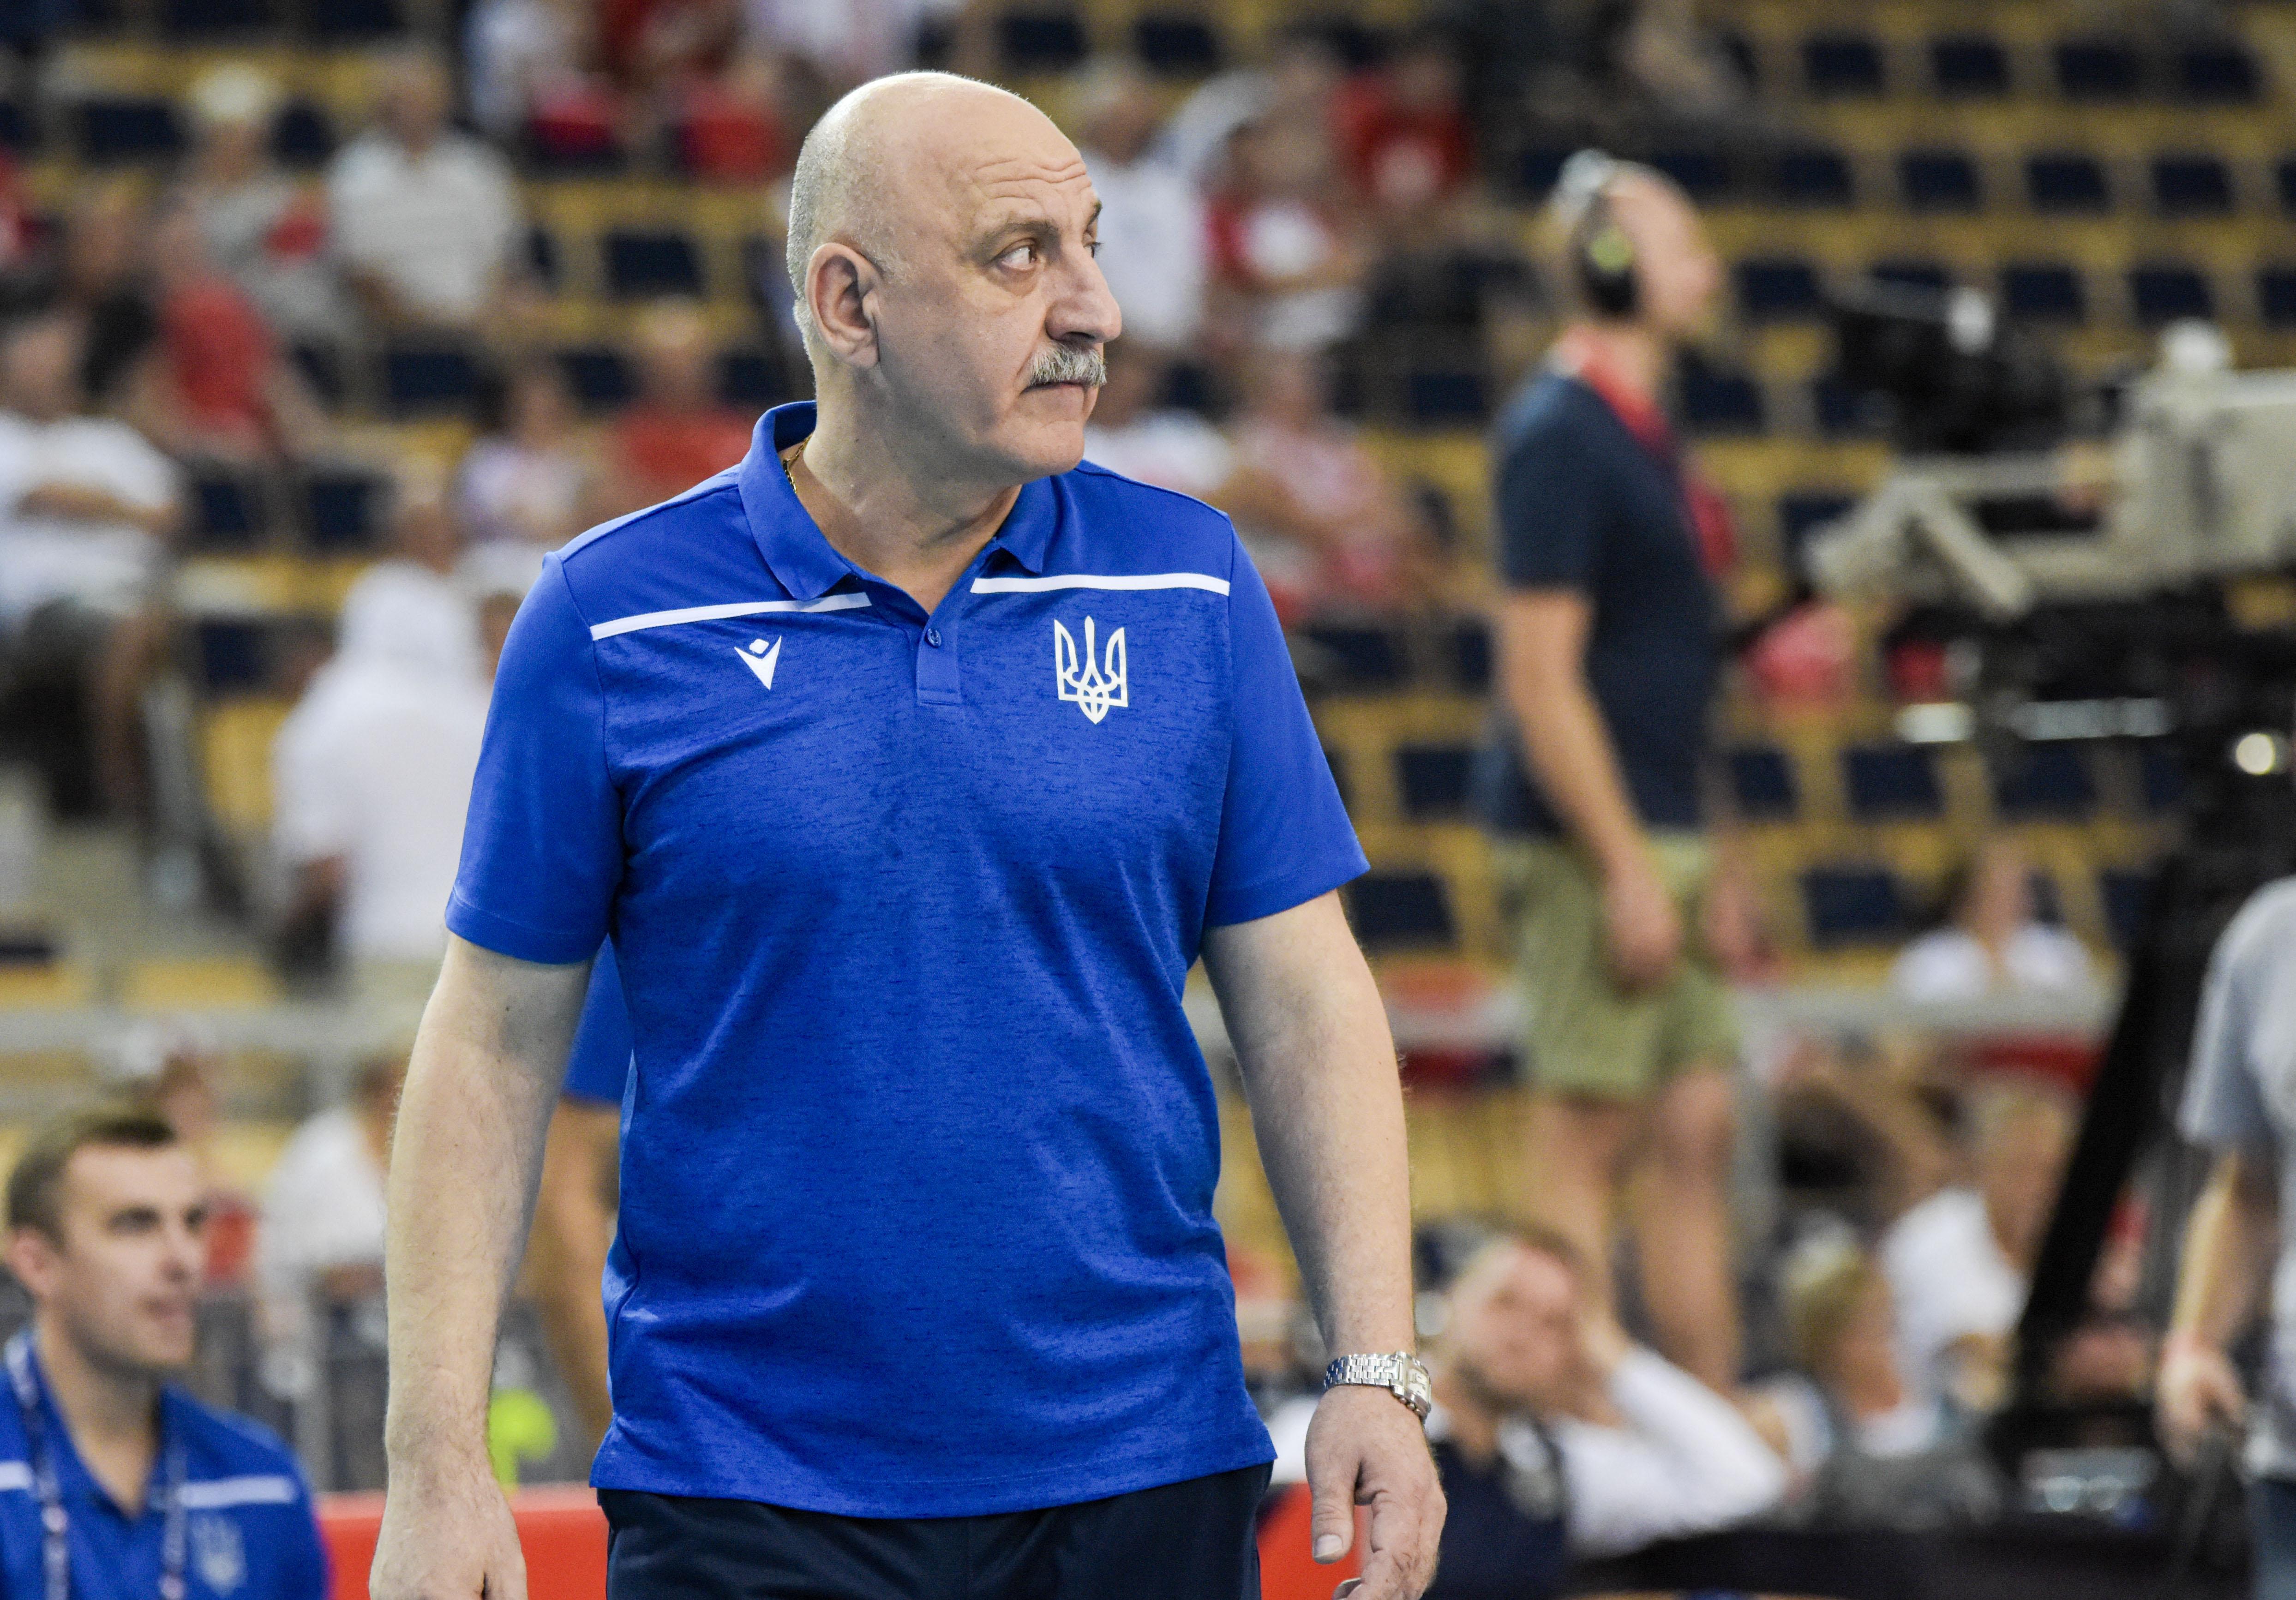 реакция организма тренер по волейболу романенко фото некоторых случаях